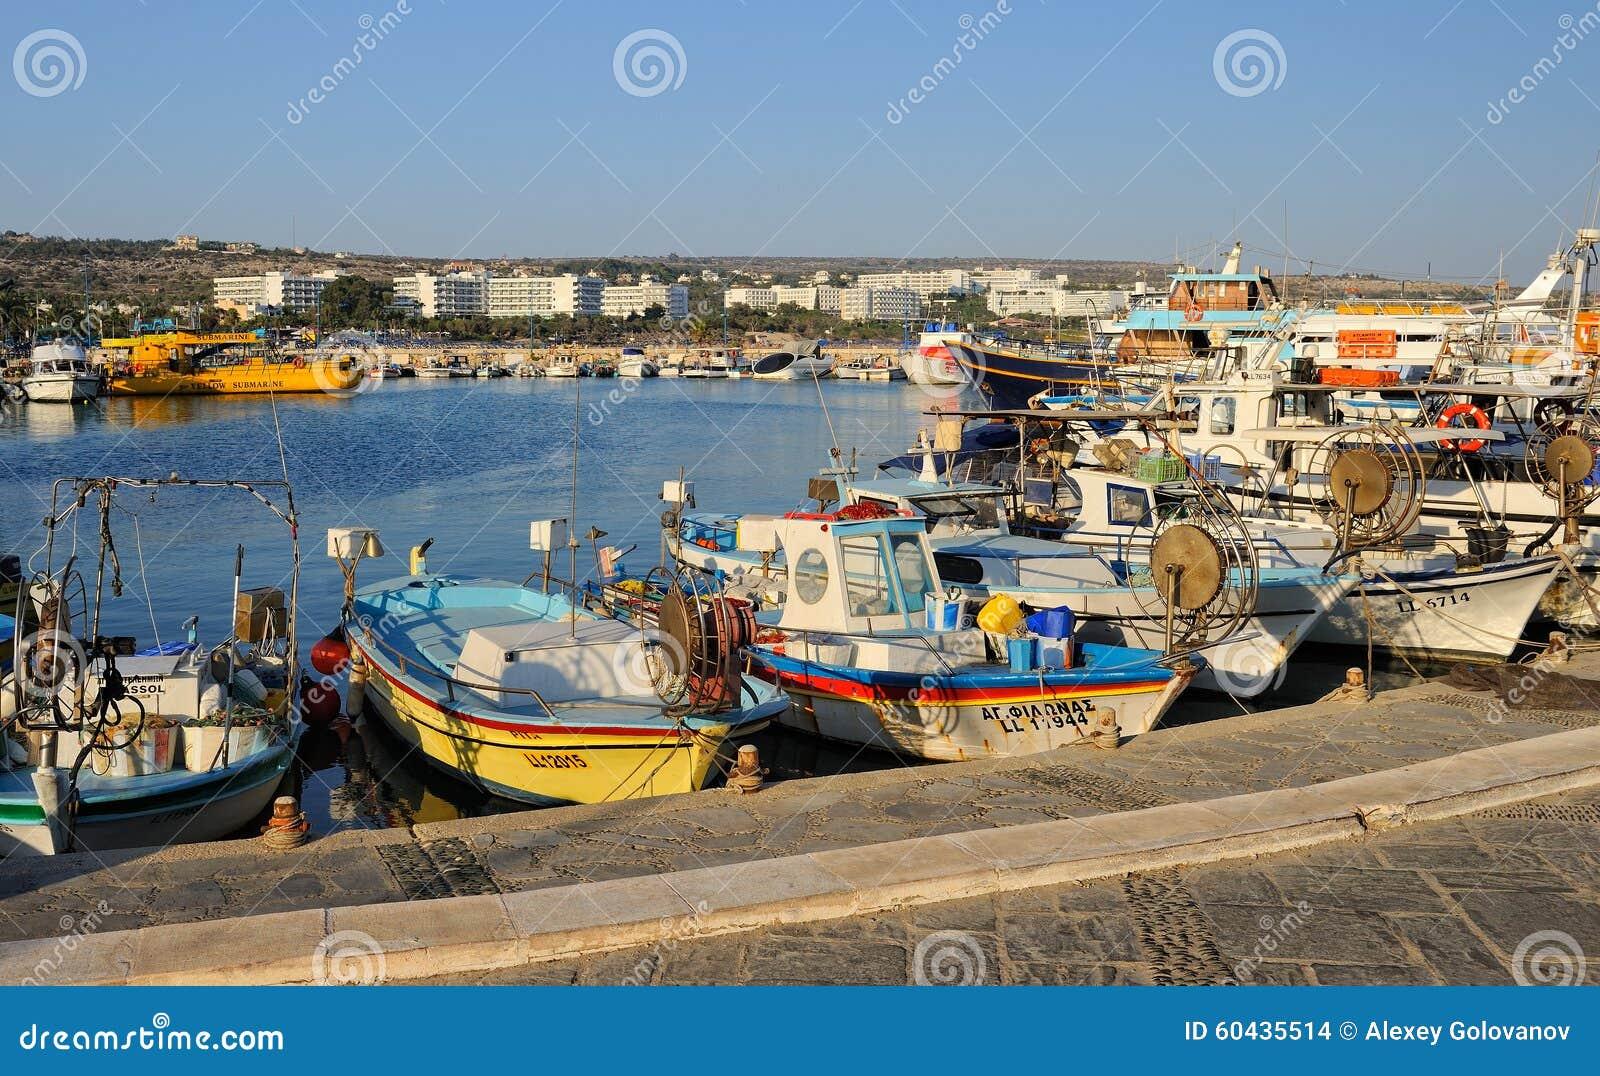 Шлюпки и яхты, Ayia Napa, Кипр